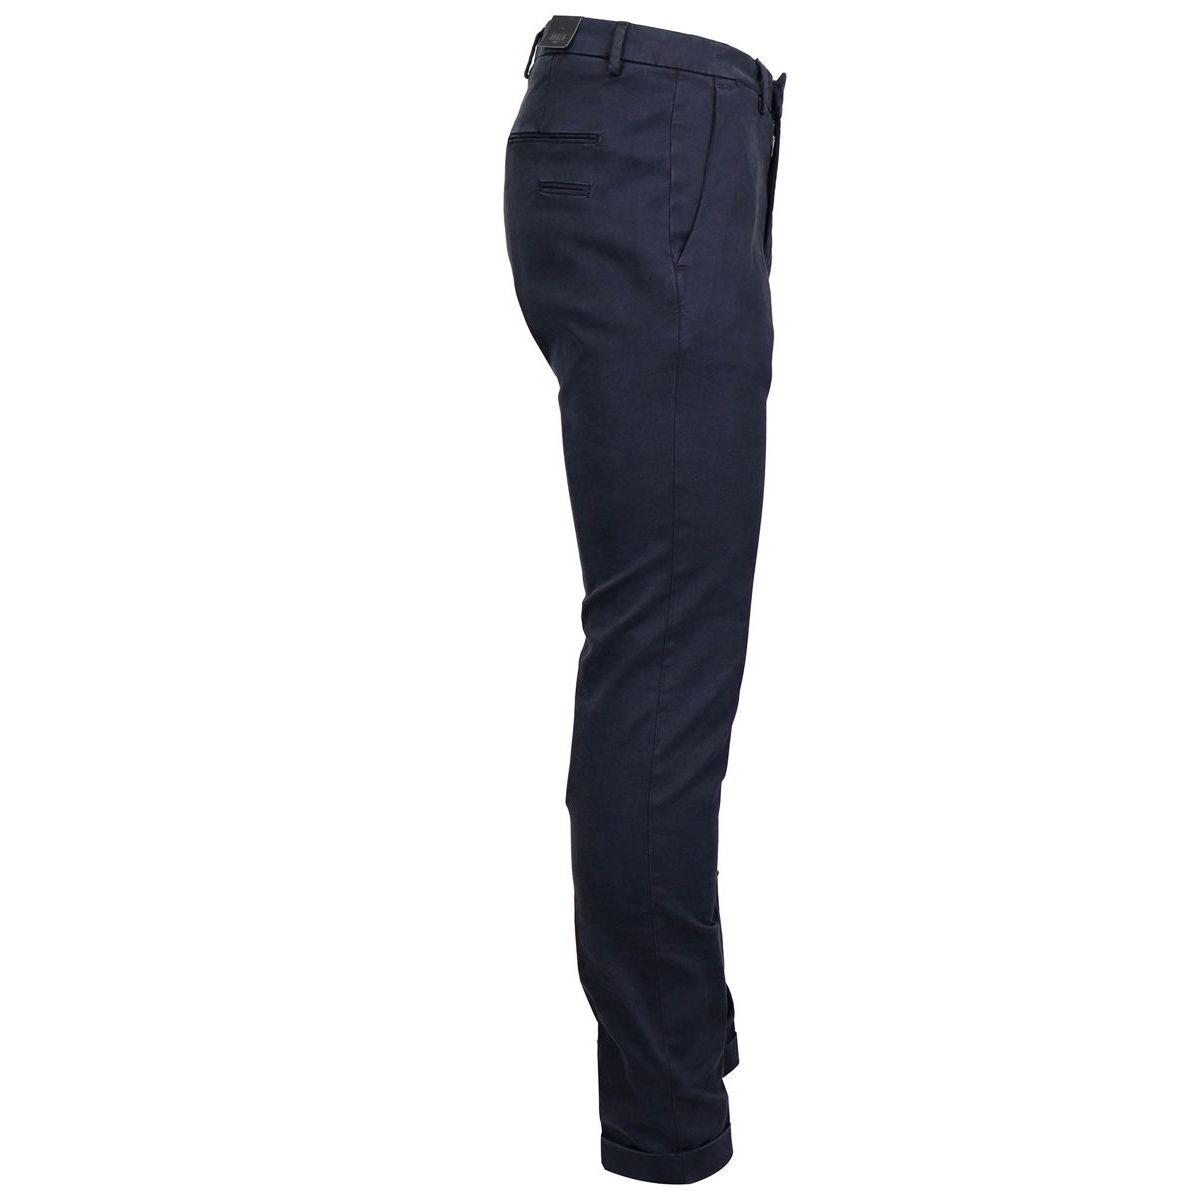 America slim pocket trousers in cotton and modal Blue Briglia